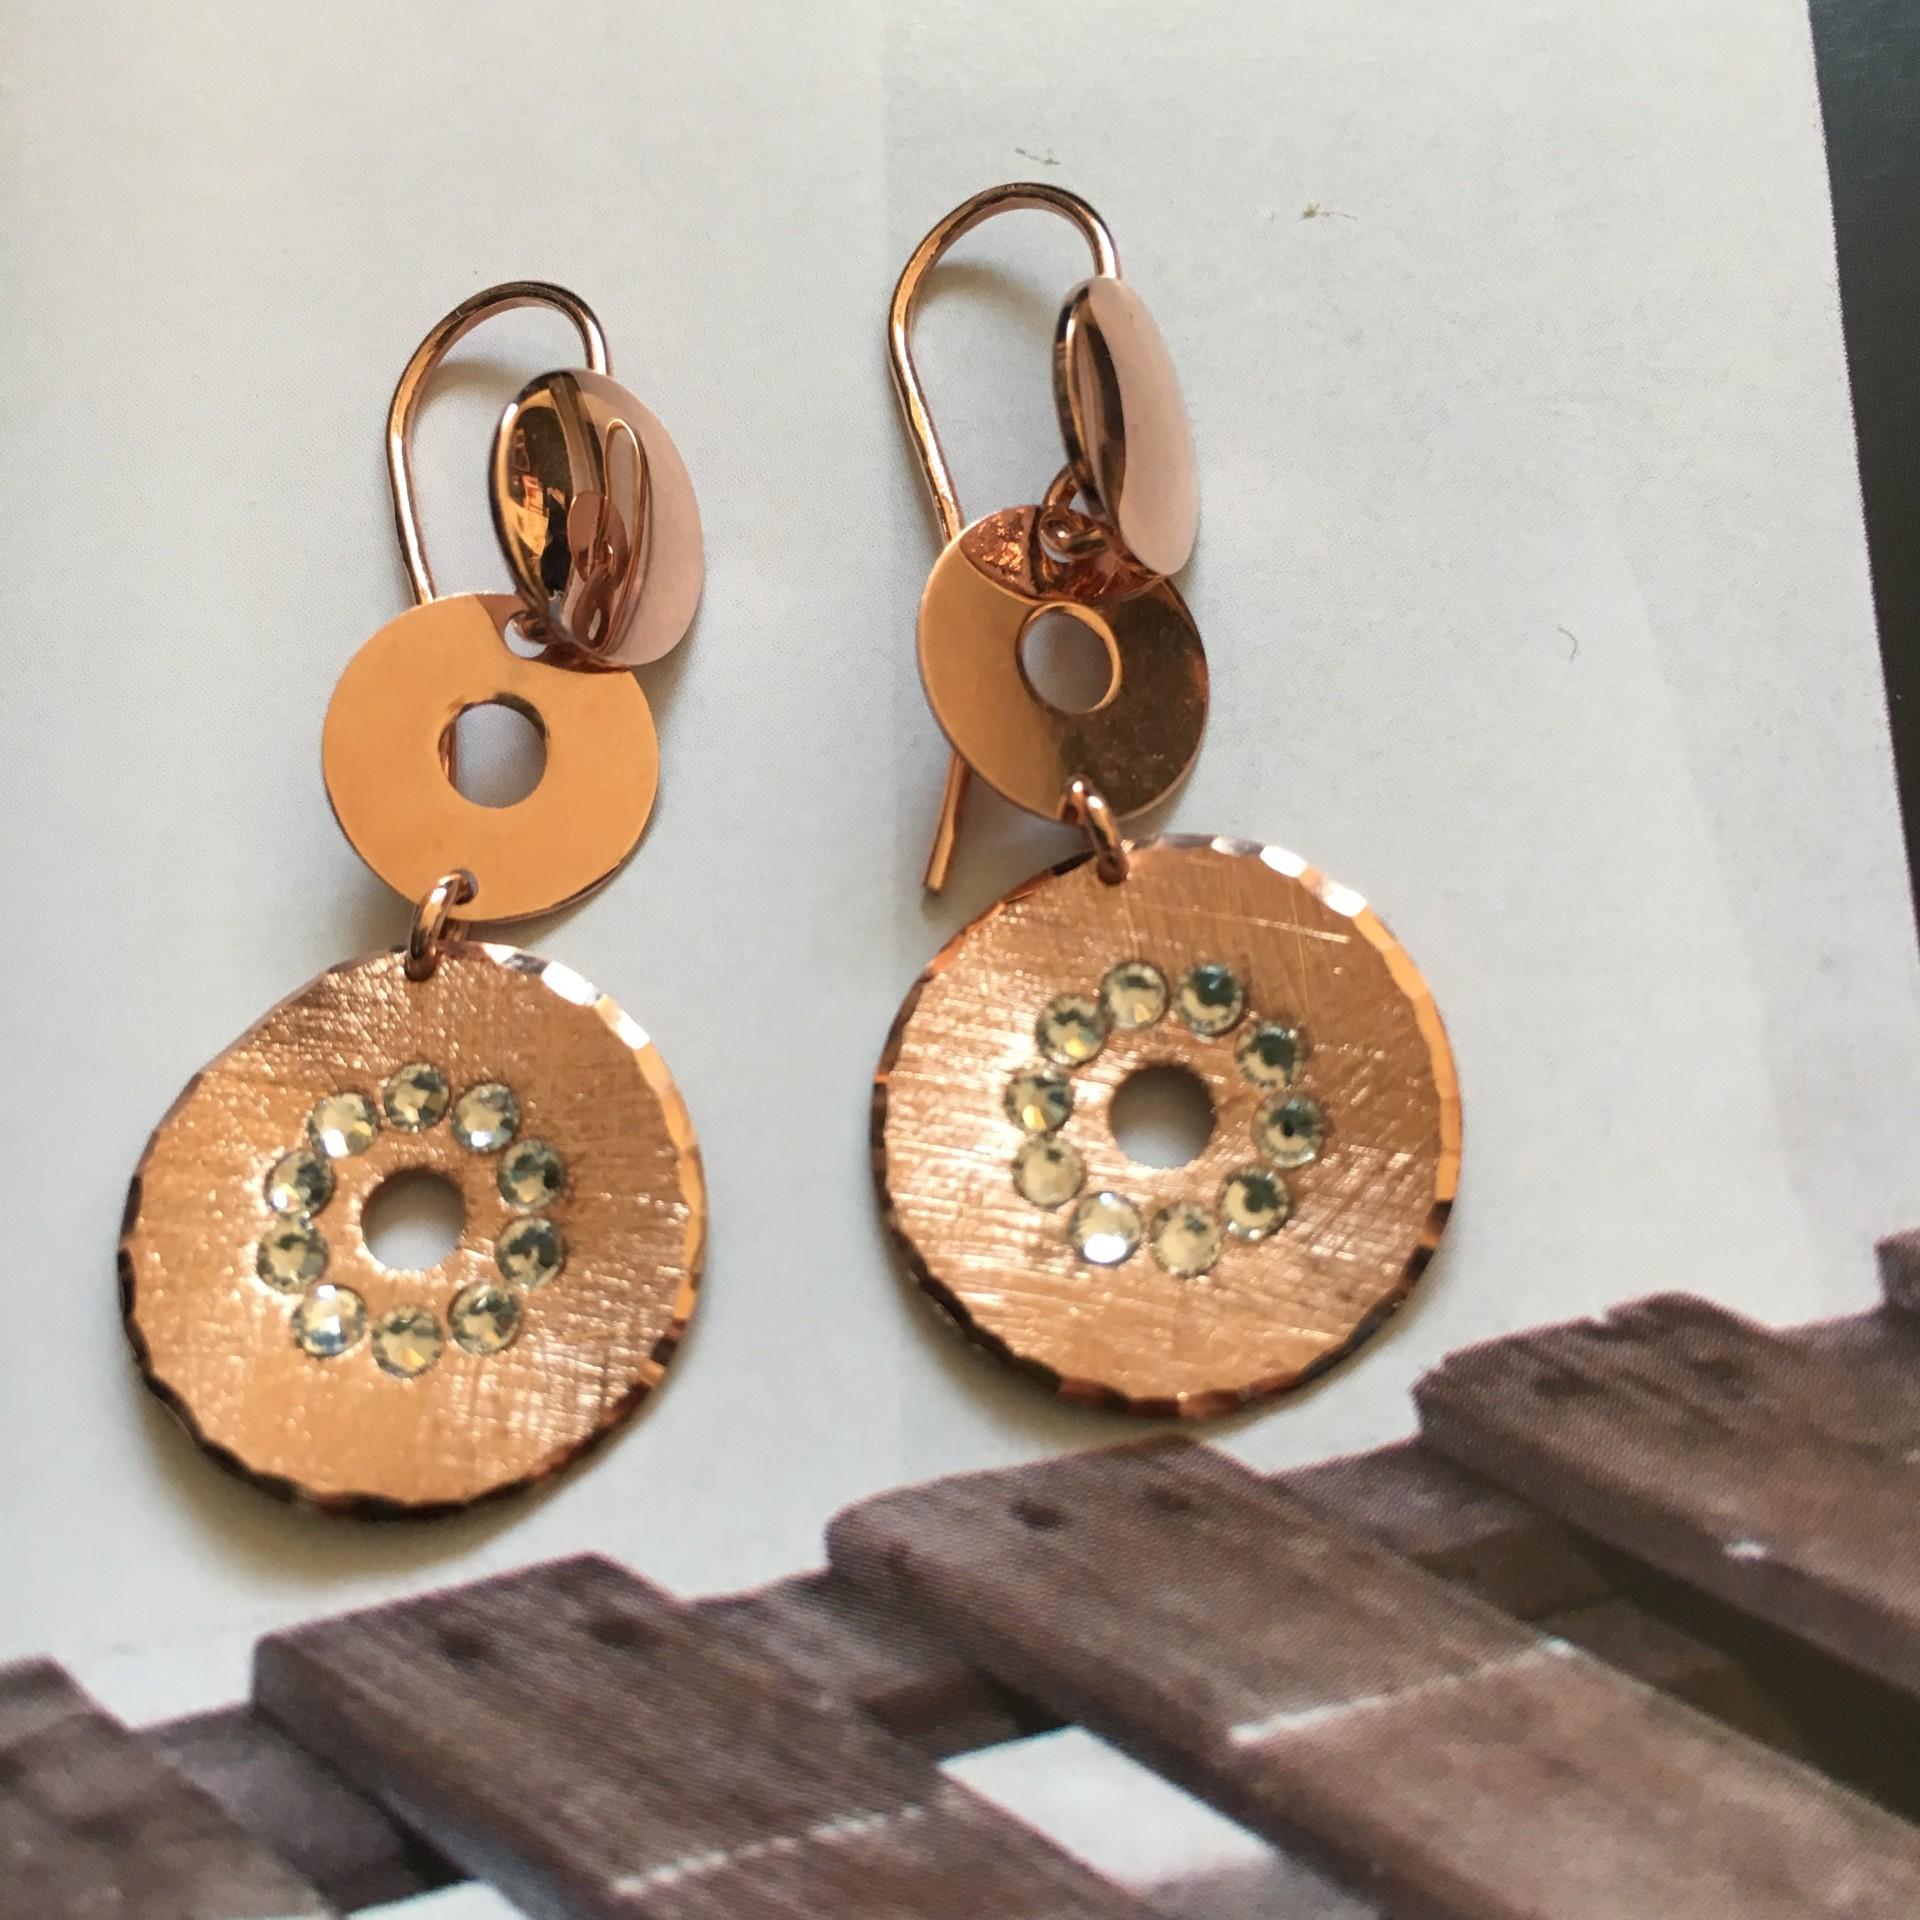 The Charm mini II silver earrings